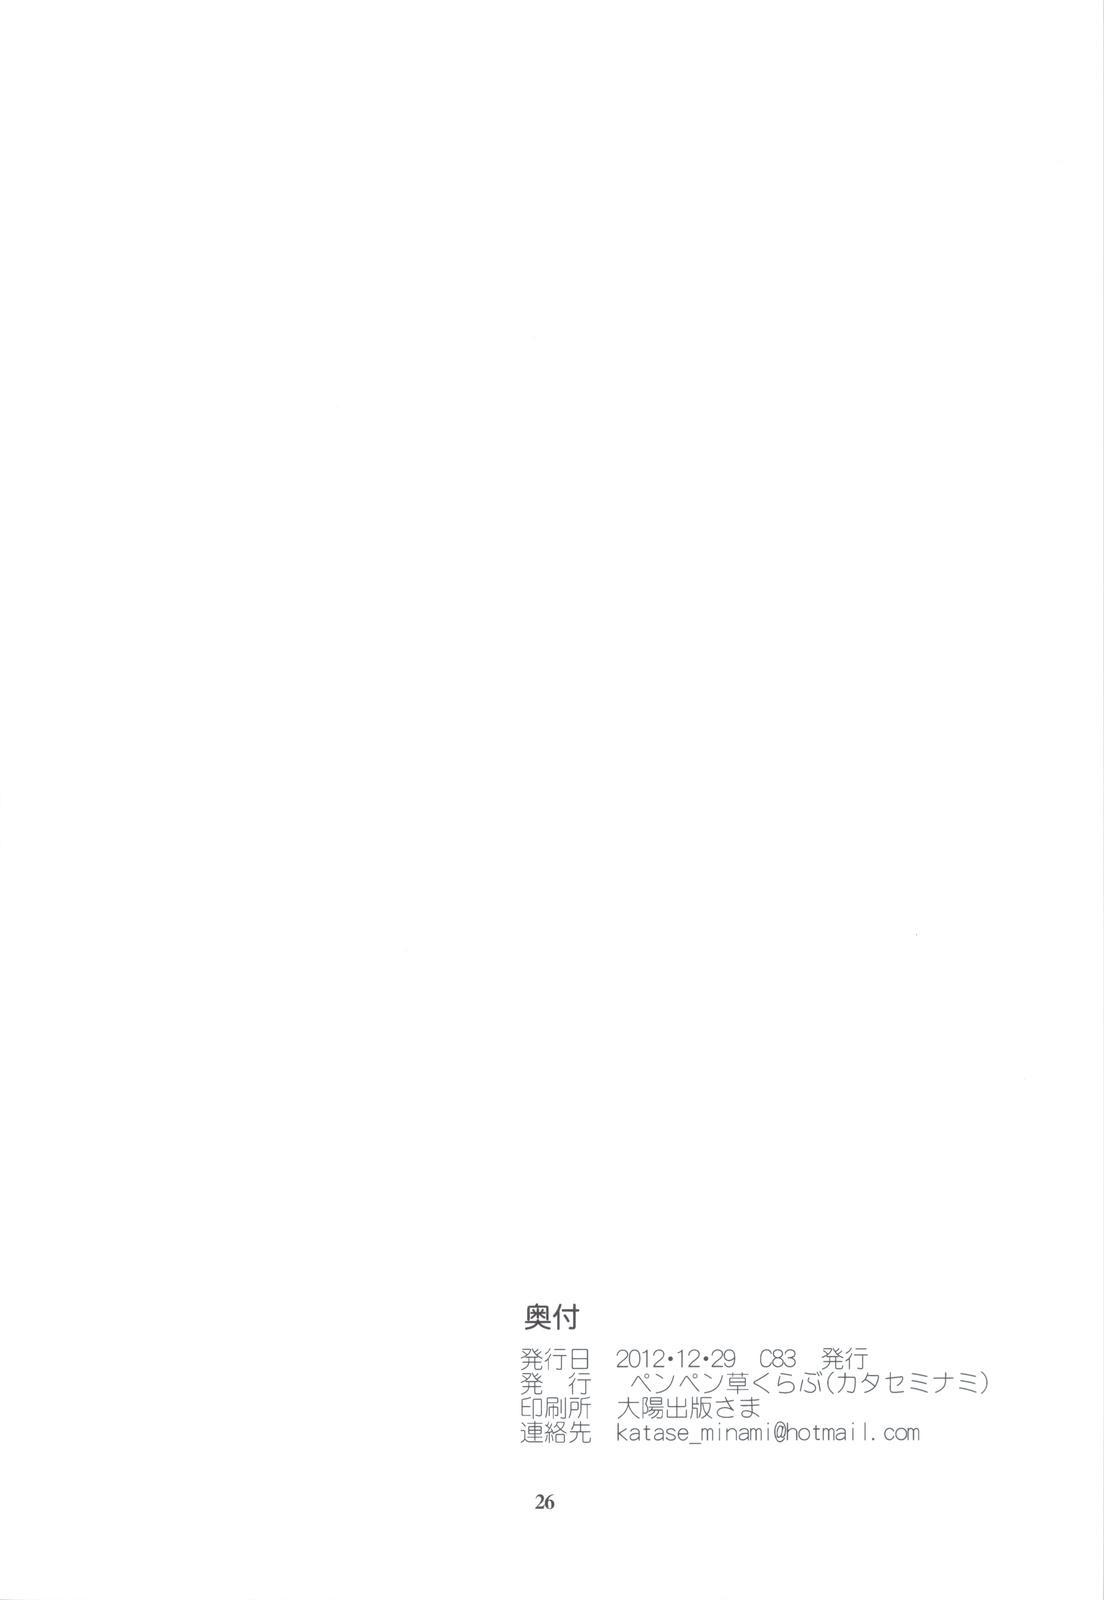 (C83) [Penpengusa Club (Katase Minami)] Toaru Kagaku no Judgement 6 - Onee-sama Search Eye! (Toaru Majutsu no Index) 24